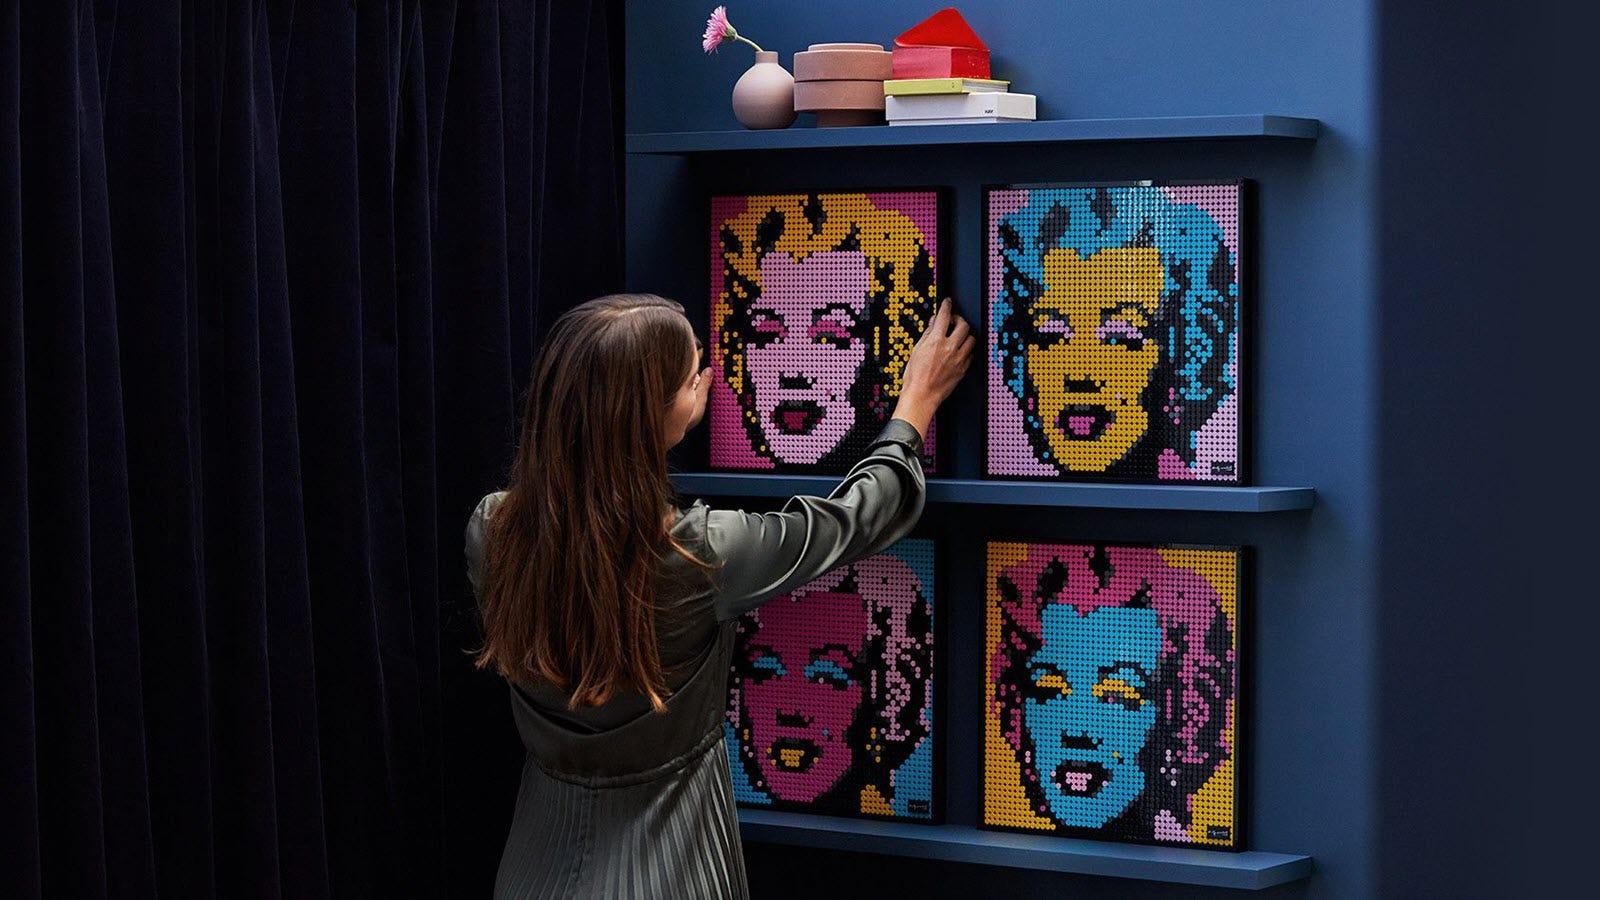 LEGO Art featuring Marilyn Monroe